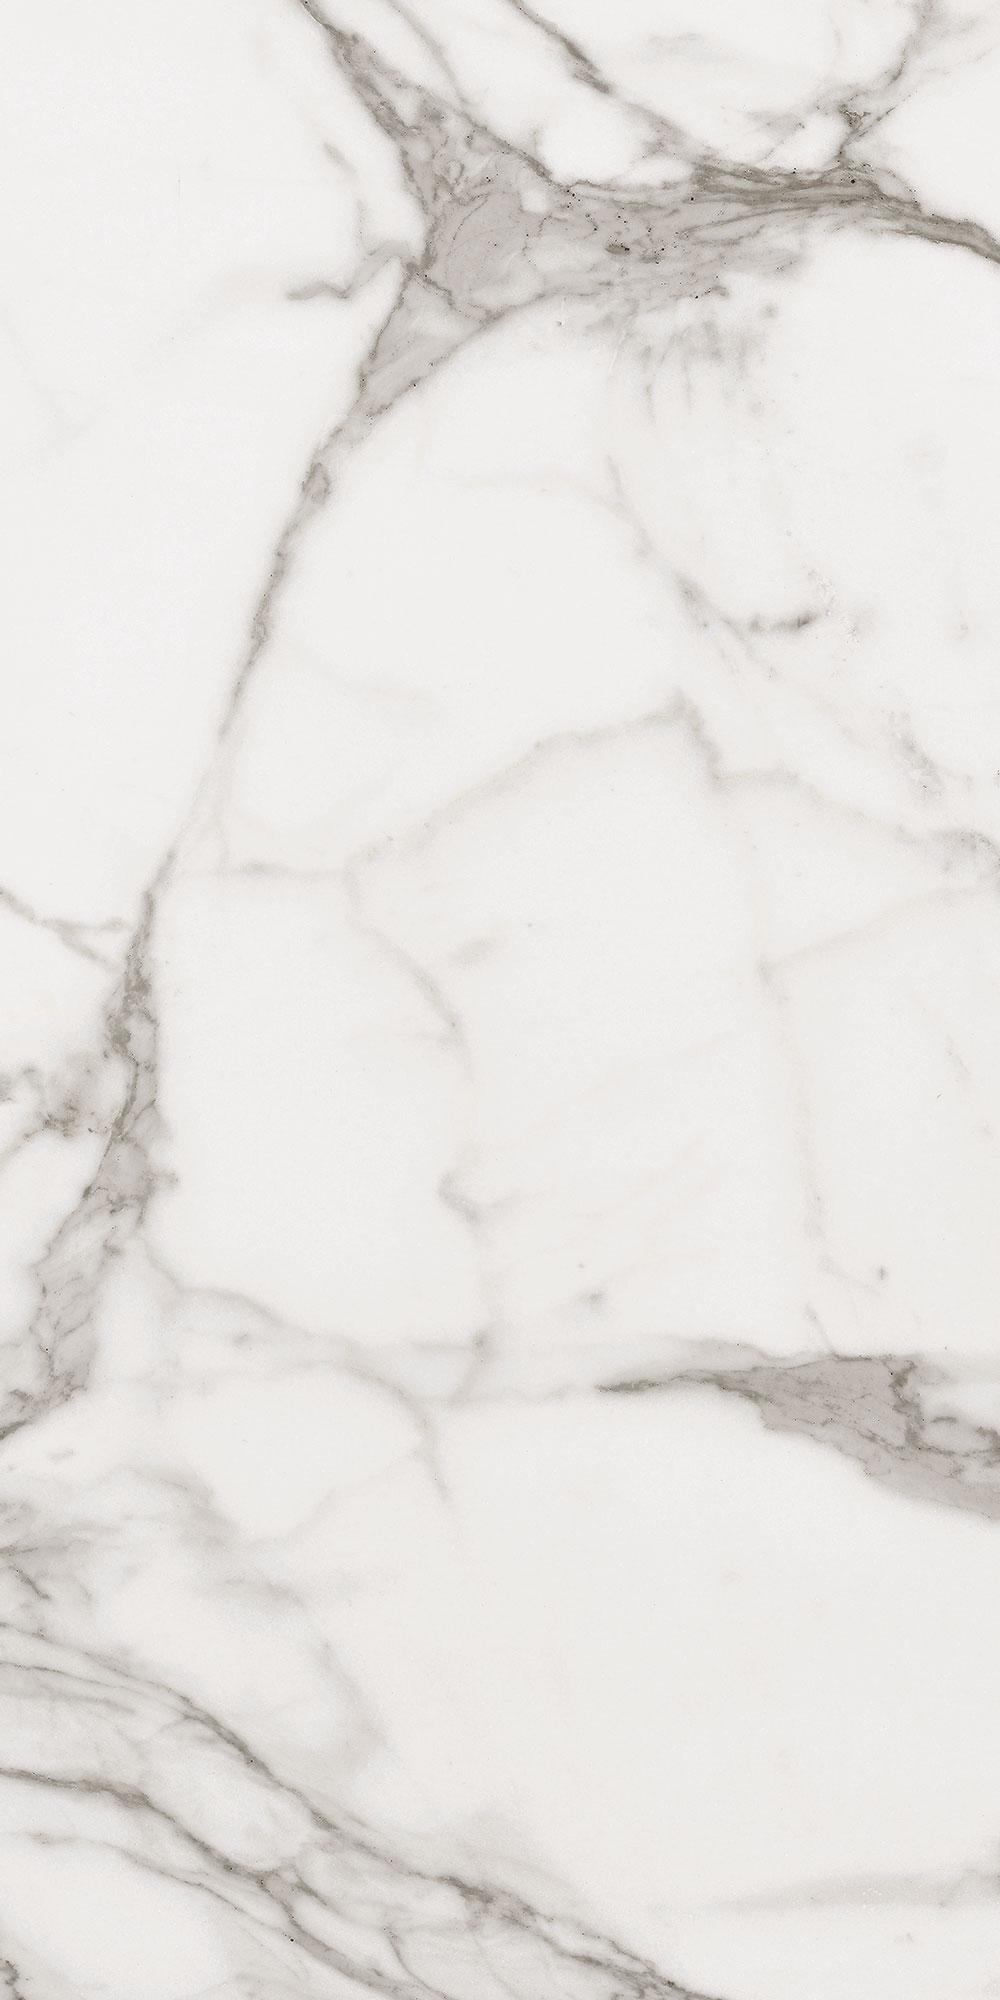 Matt 60x30 Carrara Marble Effect Tiles